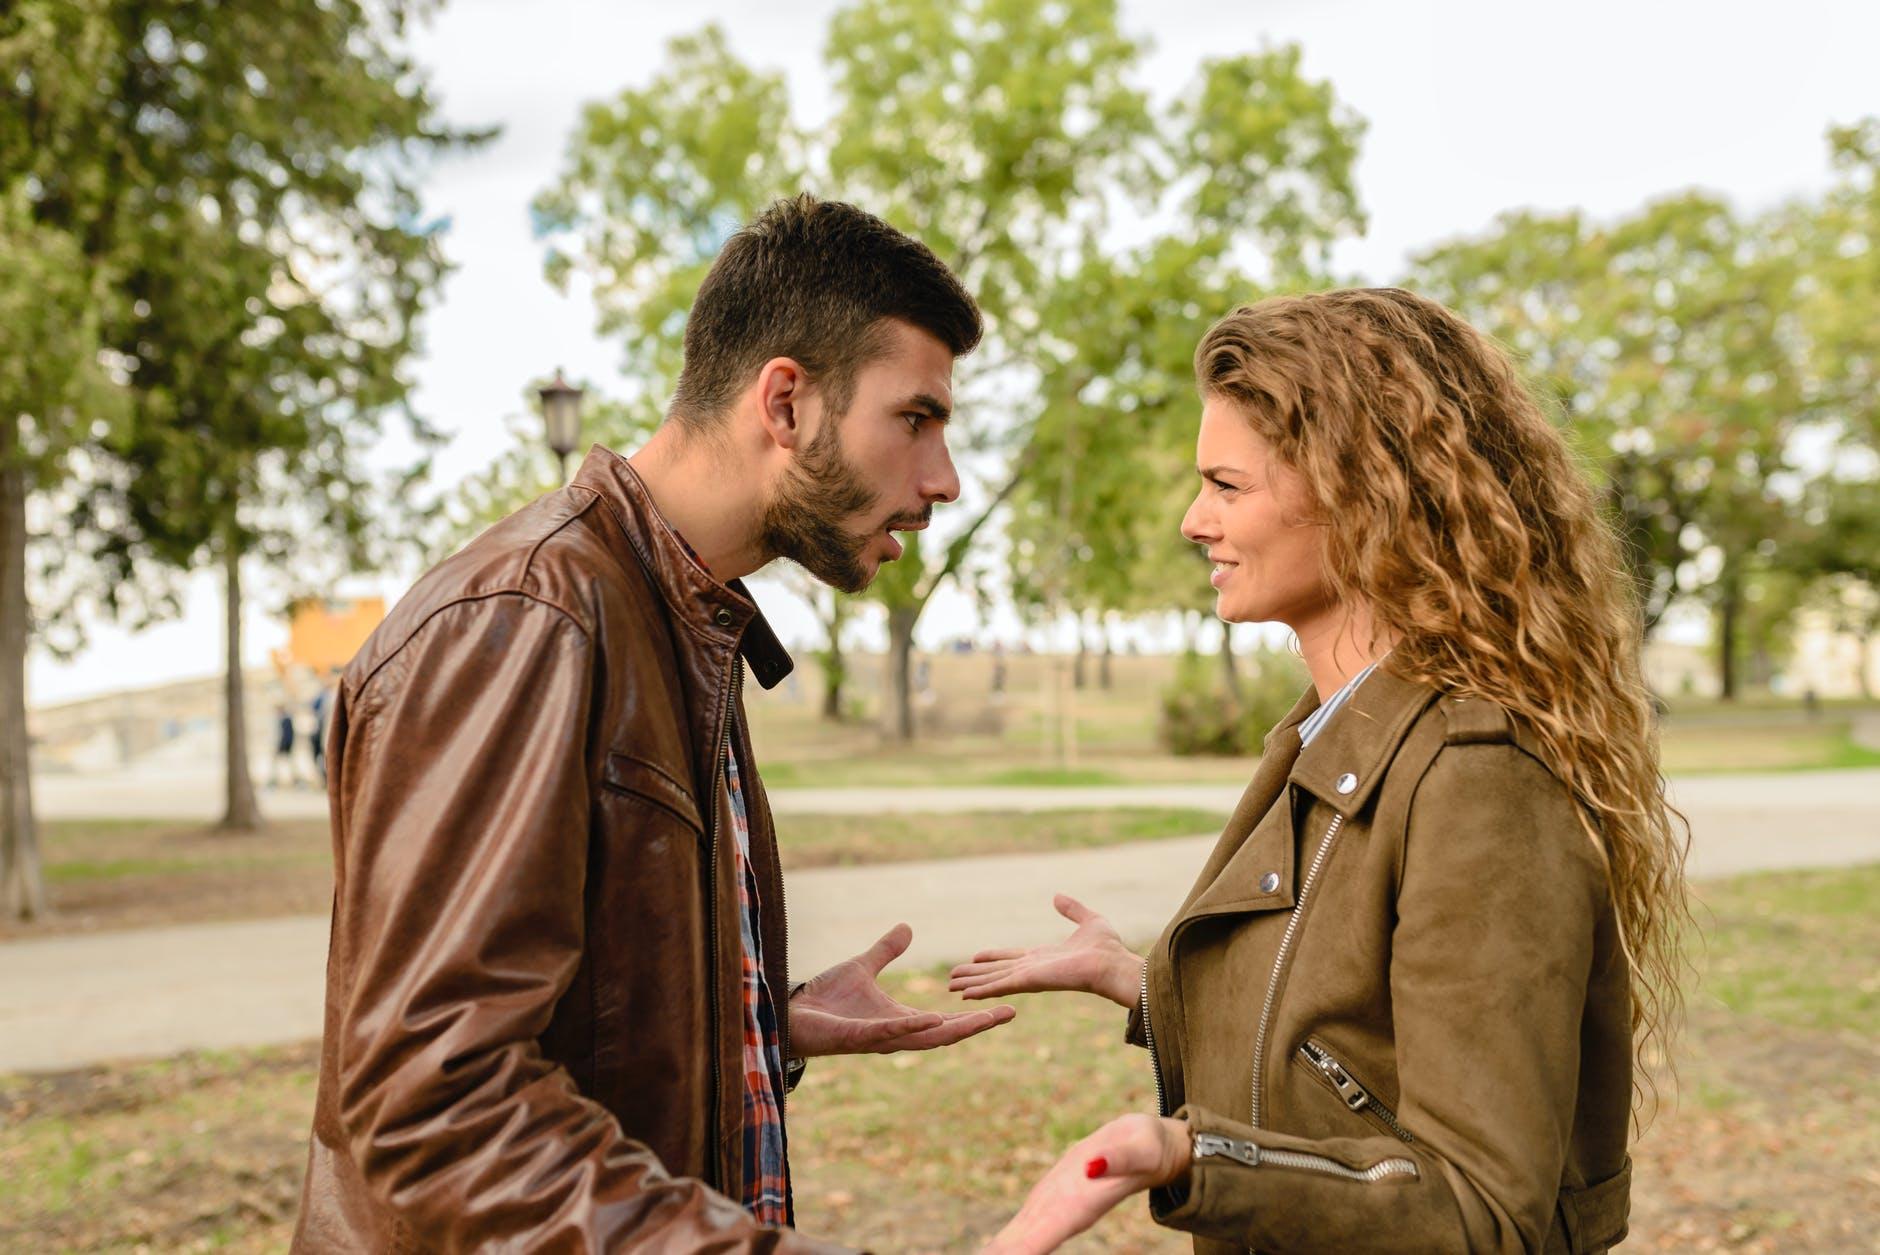 Streitige Scheidung: Wenn sich die Ehepartner nicht einig werden - BERATUNG.DE